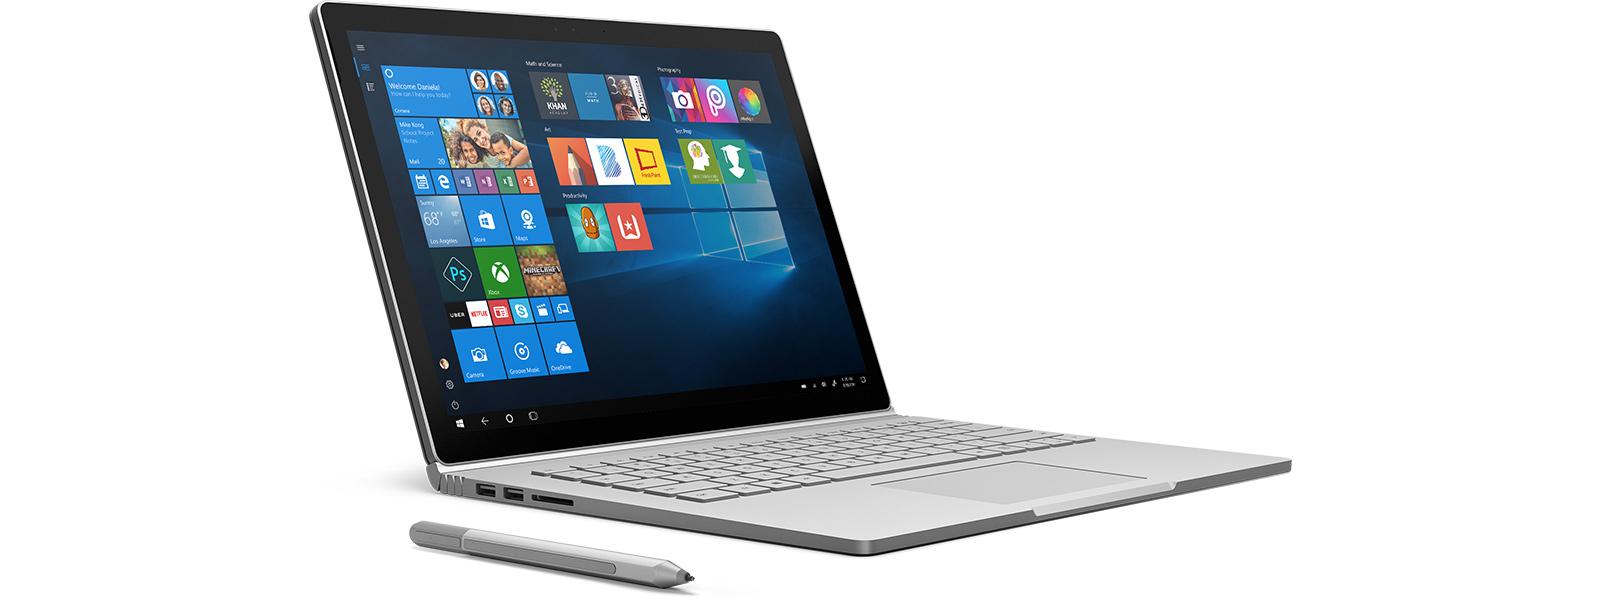 Dispositivo Windows 10 con aplicaciones en la pantalla Inicio.